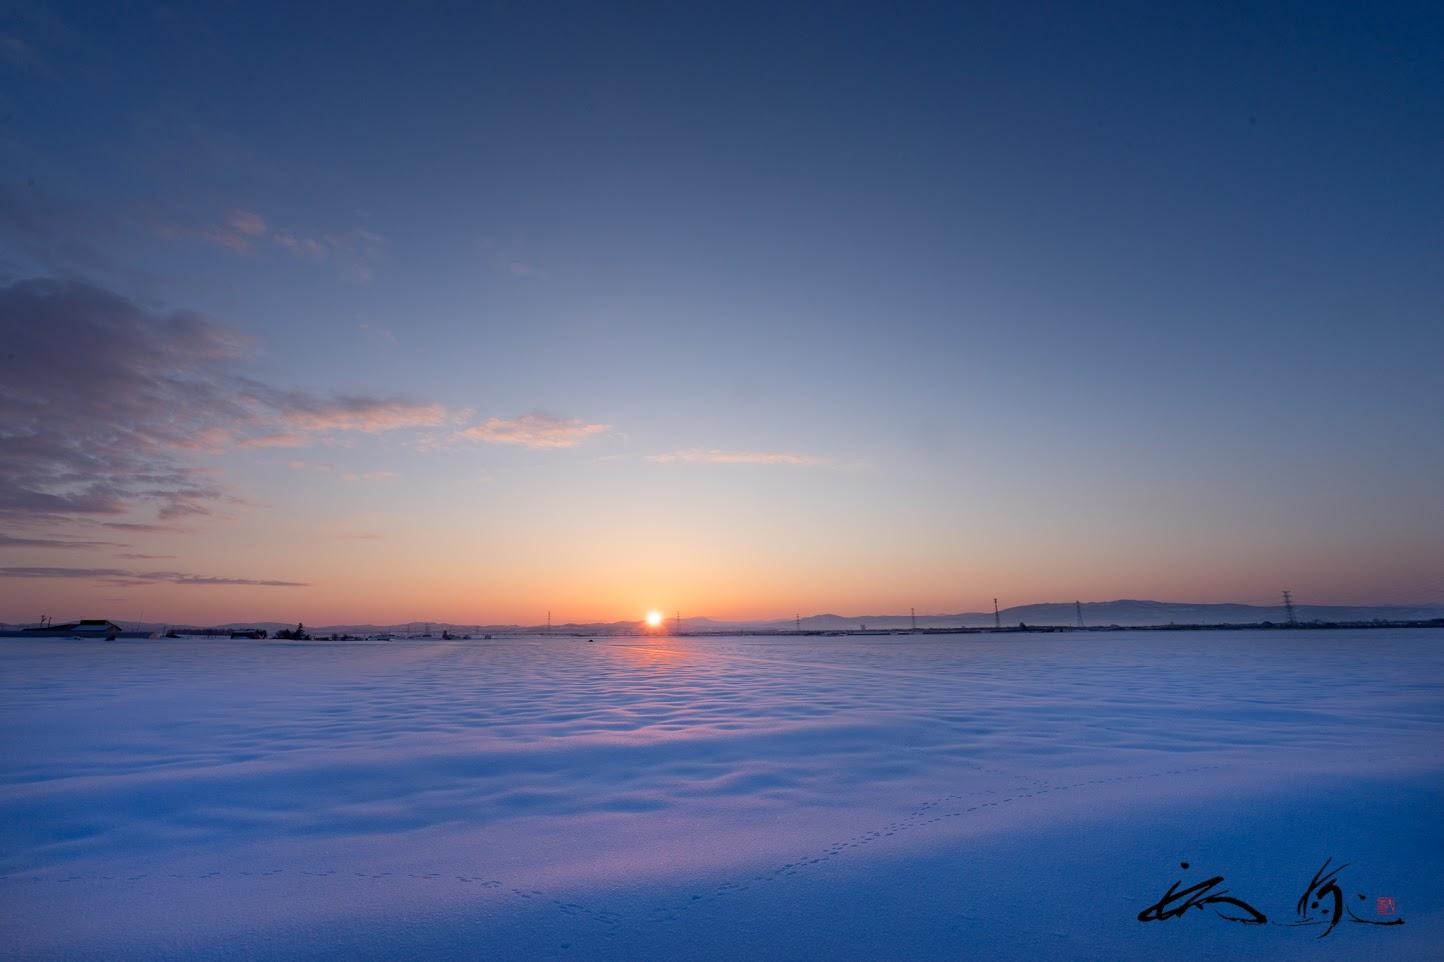 静寂な空気の中、昇る朝陽